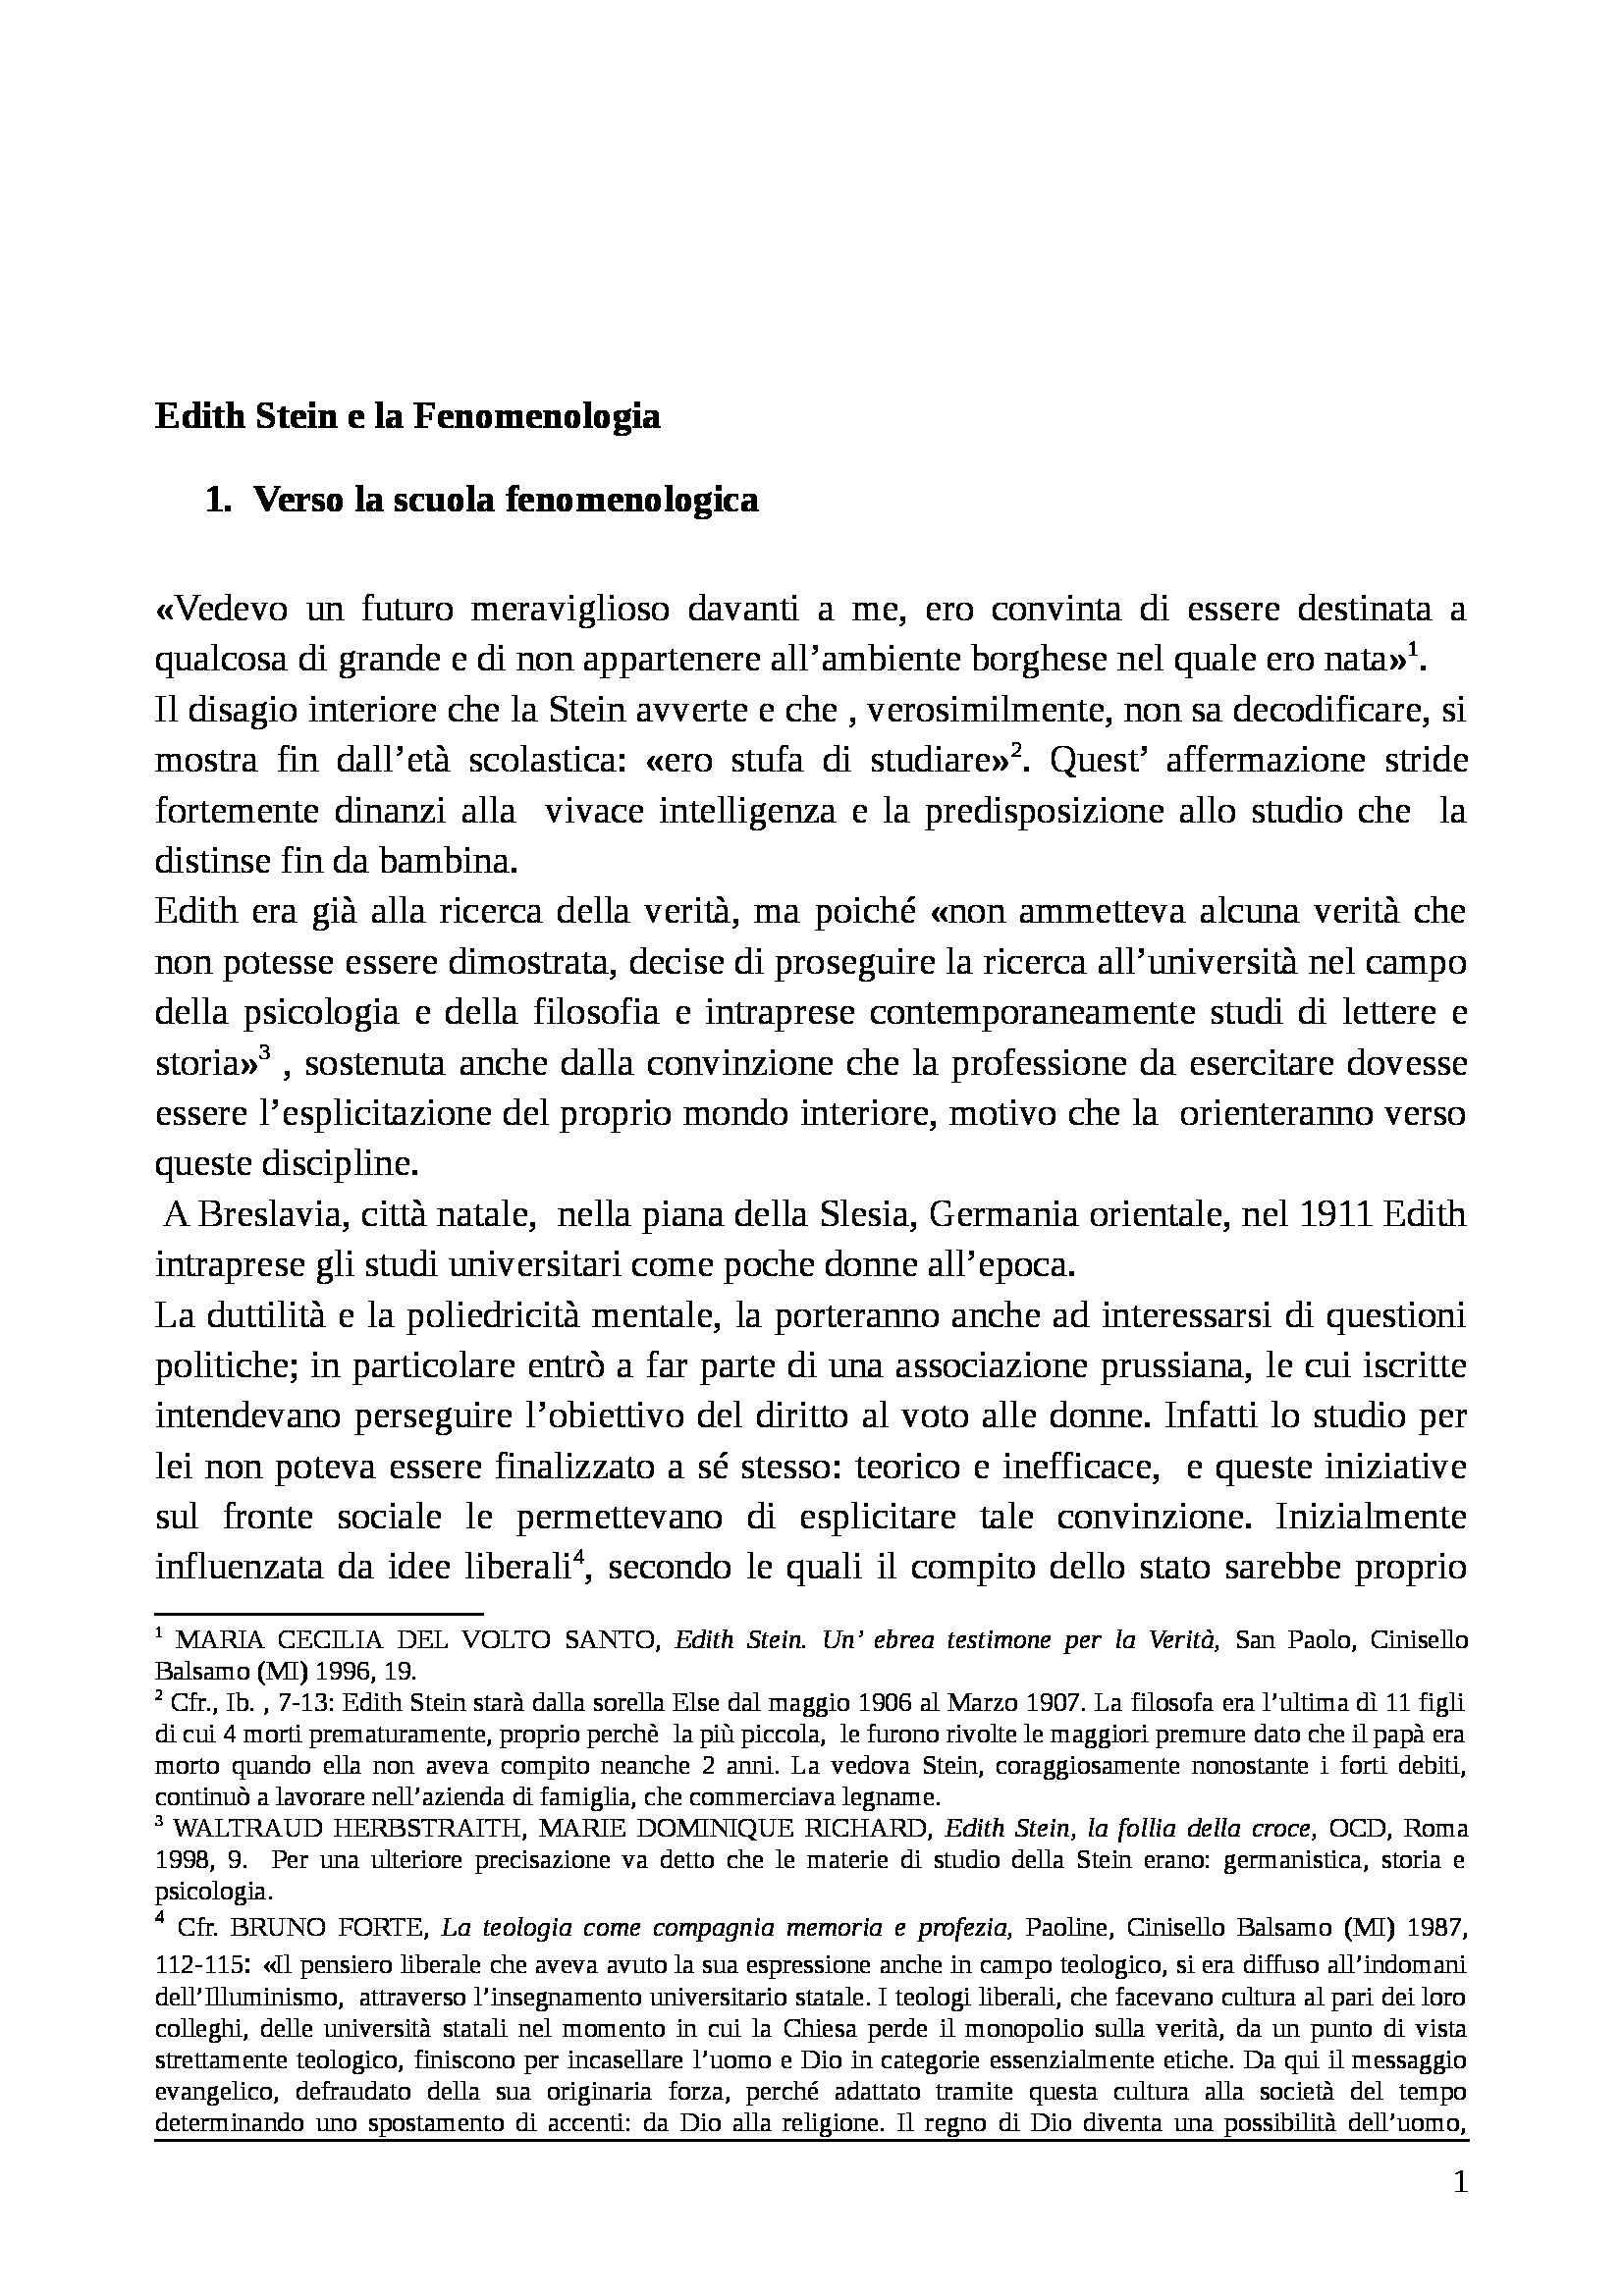 Storia della filosofia moderna e contemporanea - Edith Stein e la fenomenologia